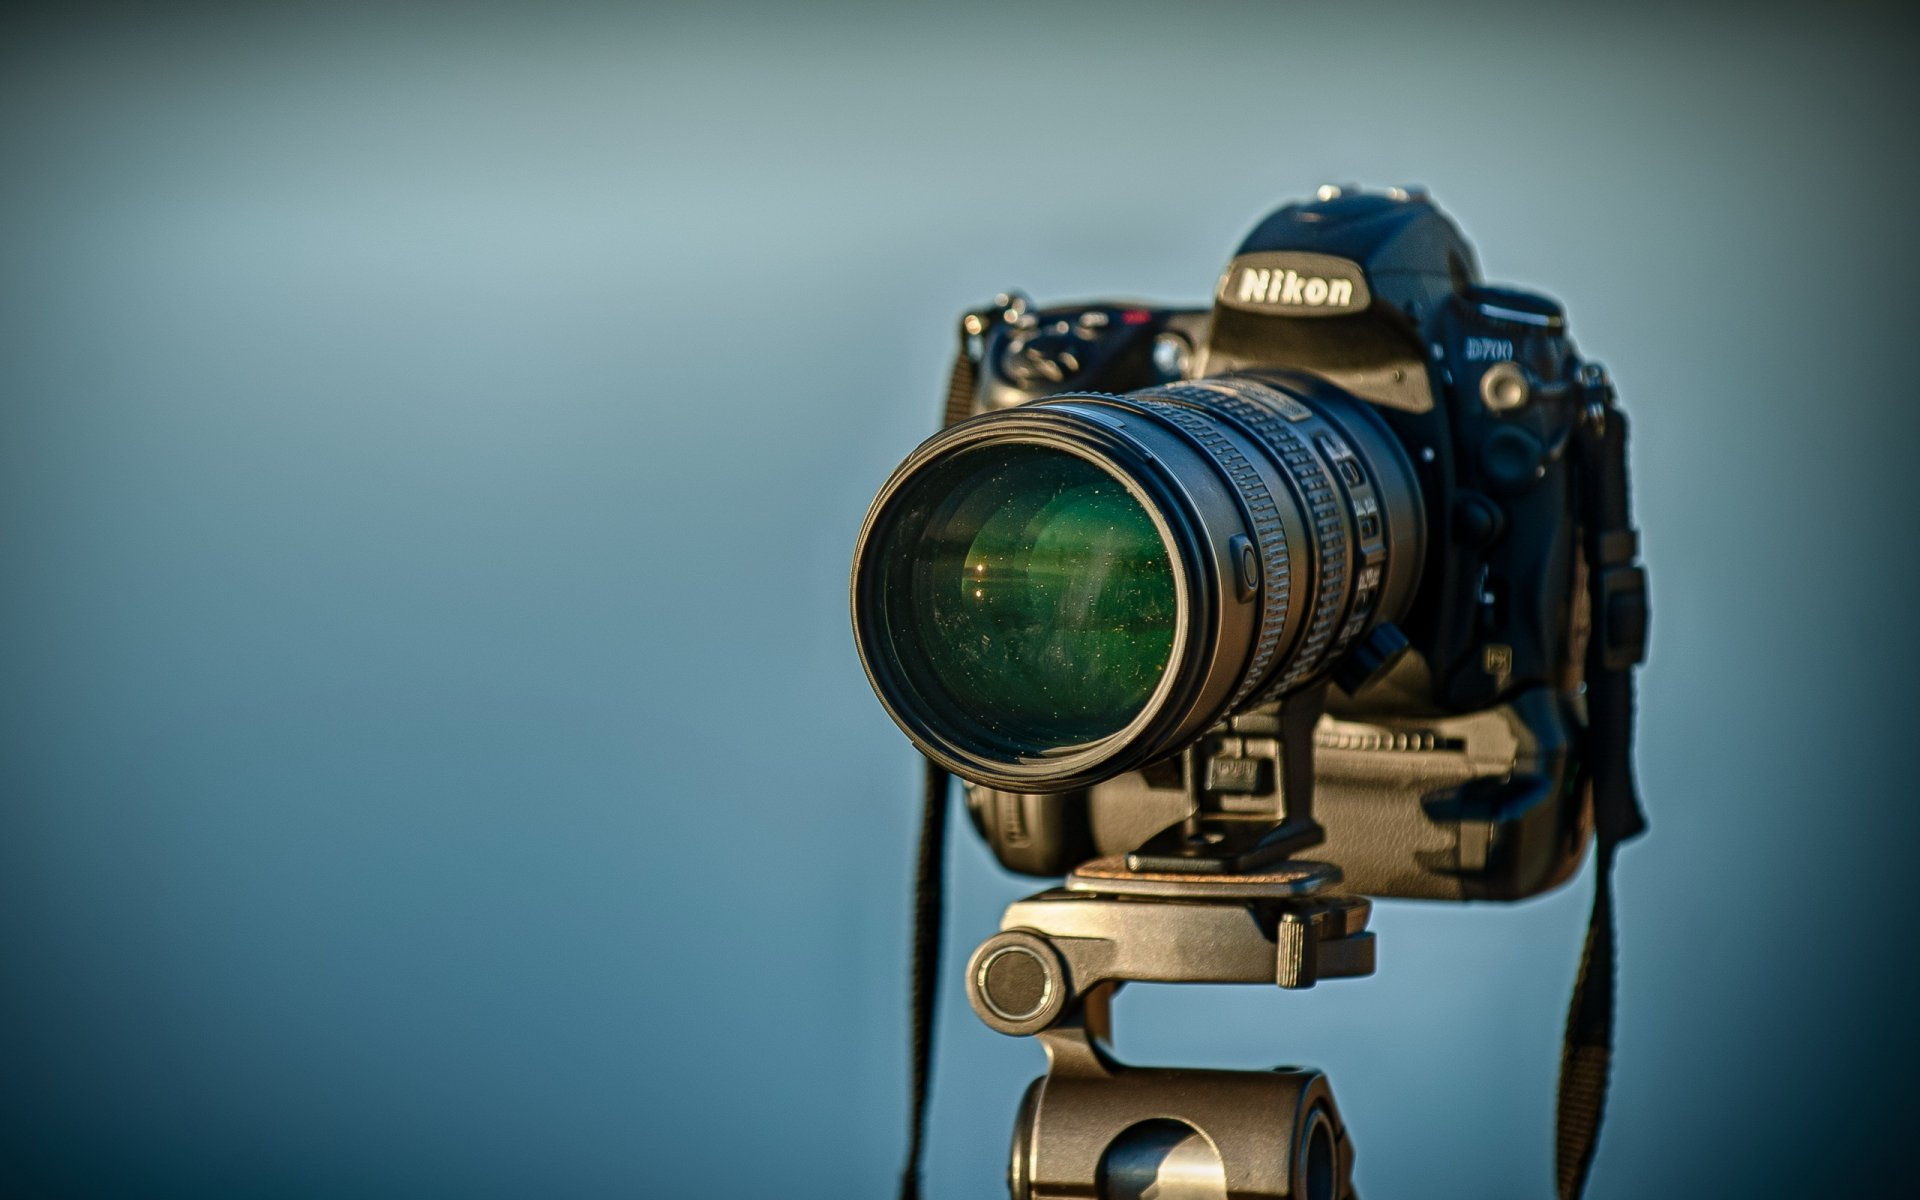 изготовить фон для фотографа с собой котлы пересвет-т используются